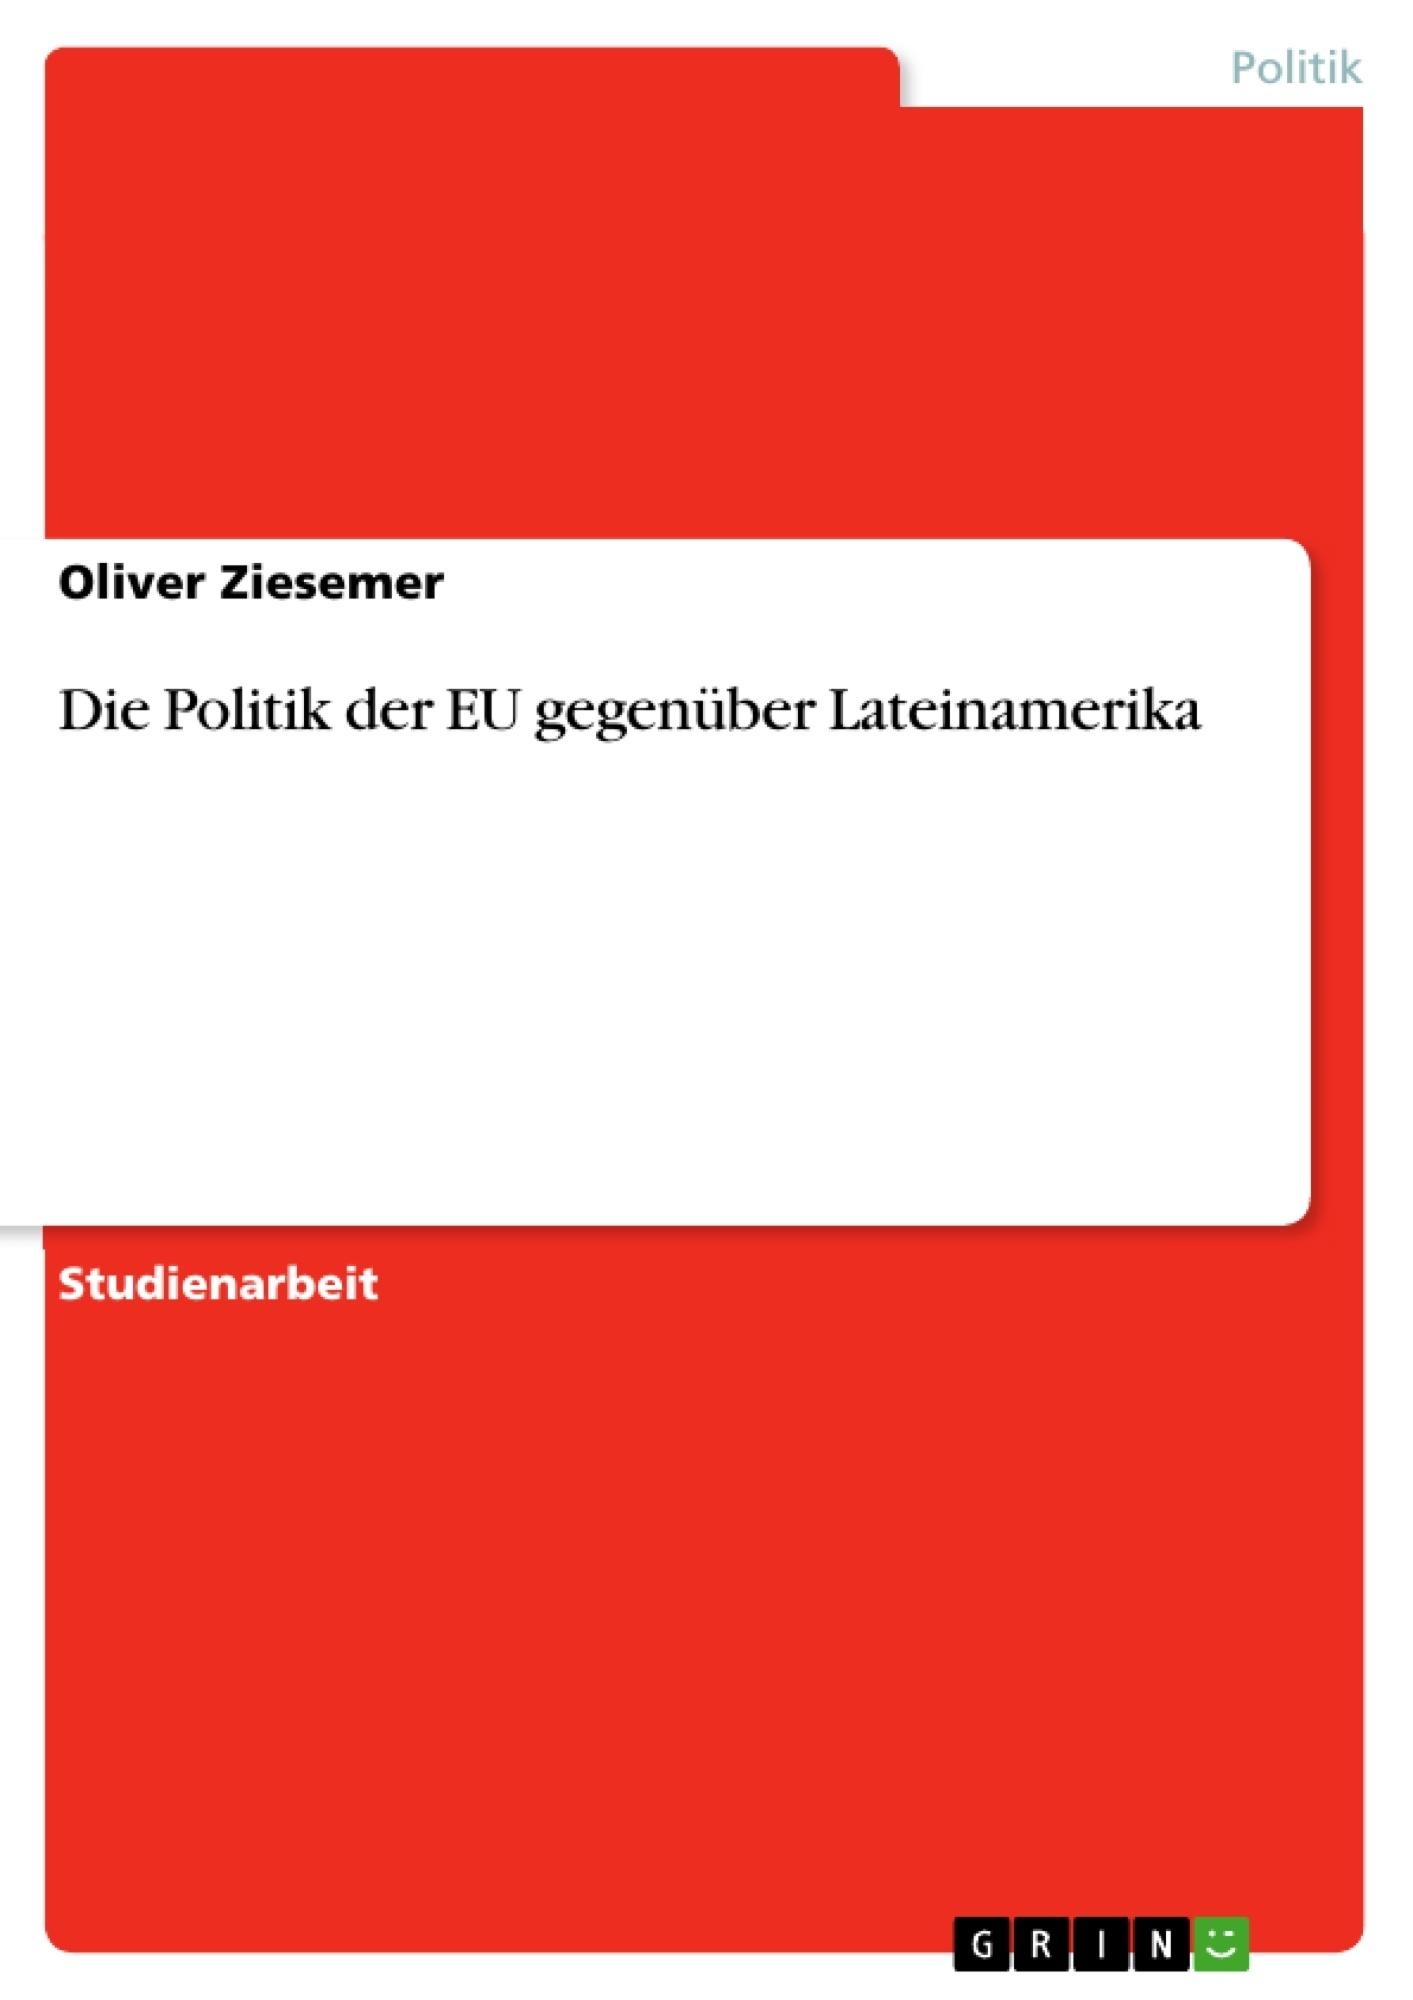 Titel: Die Politik der EU gegenüber Lateinamerika